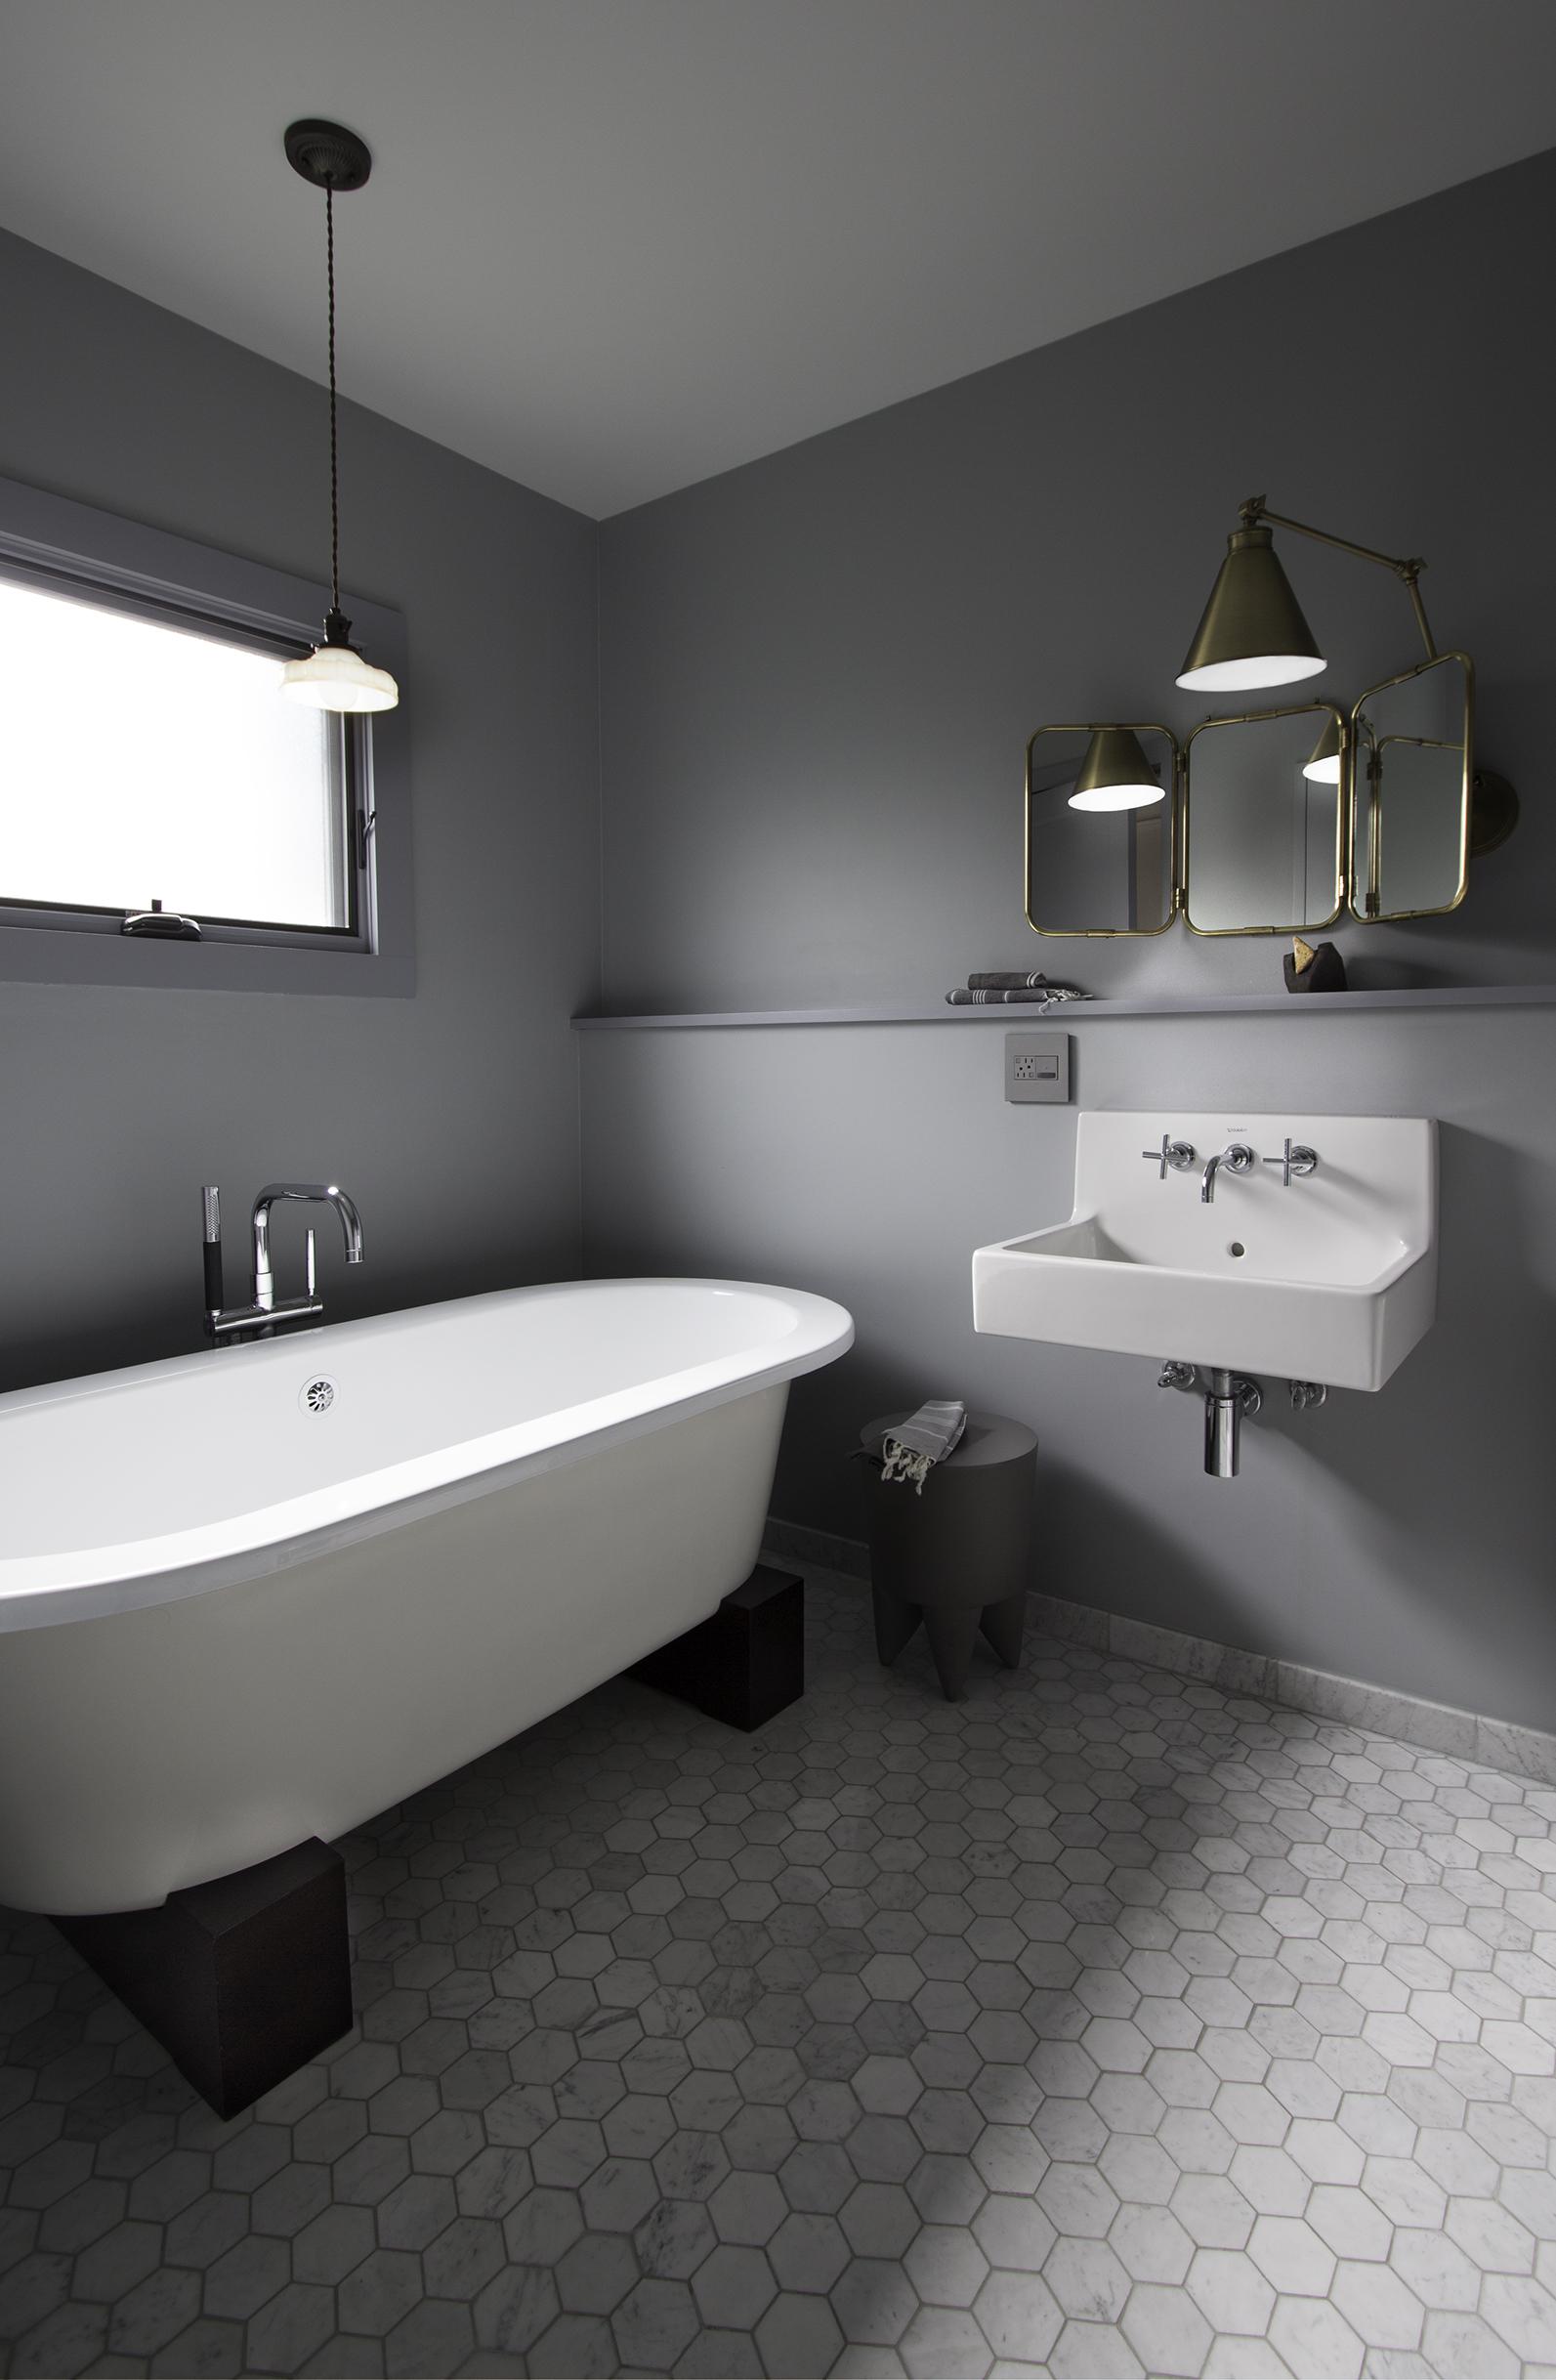 BATH1tub sink.jpg